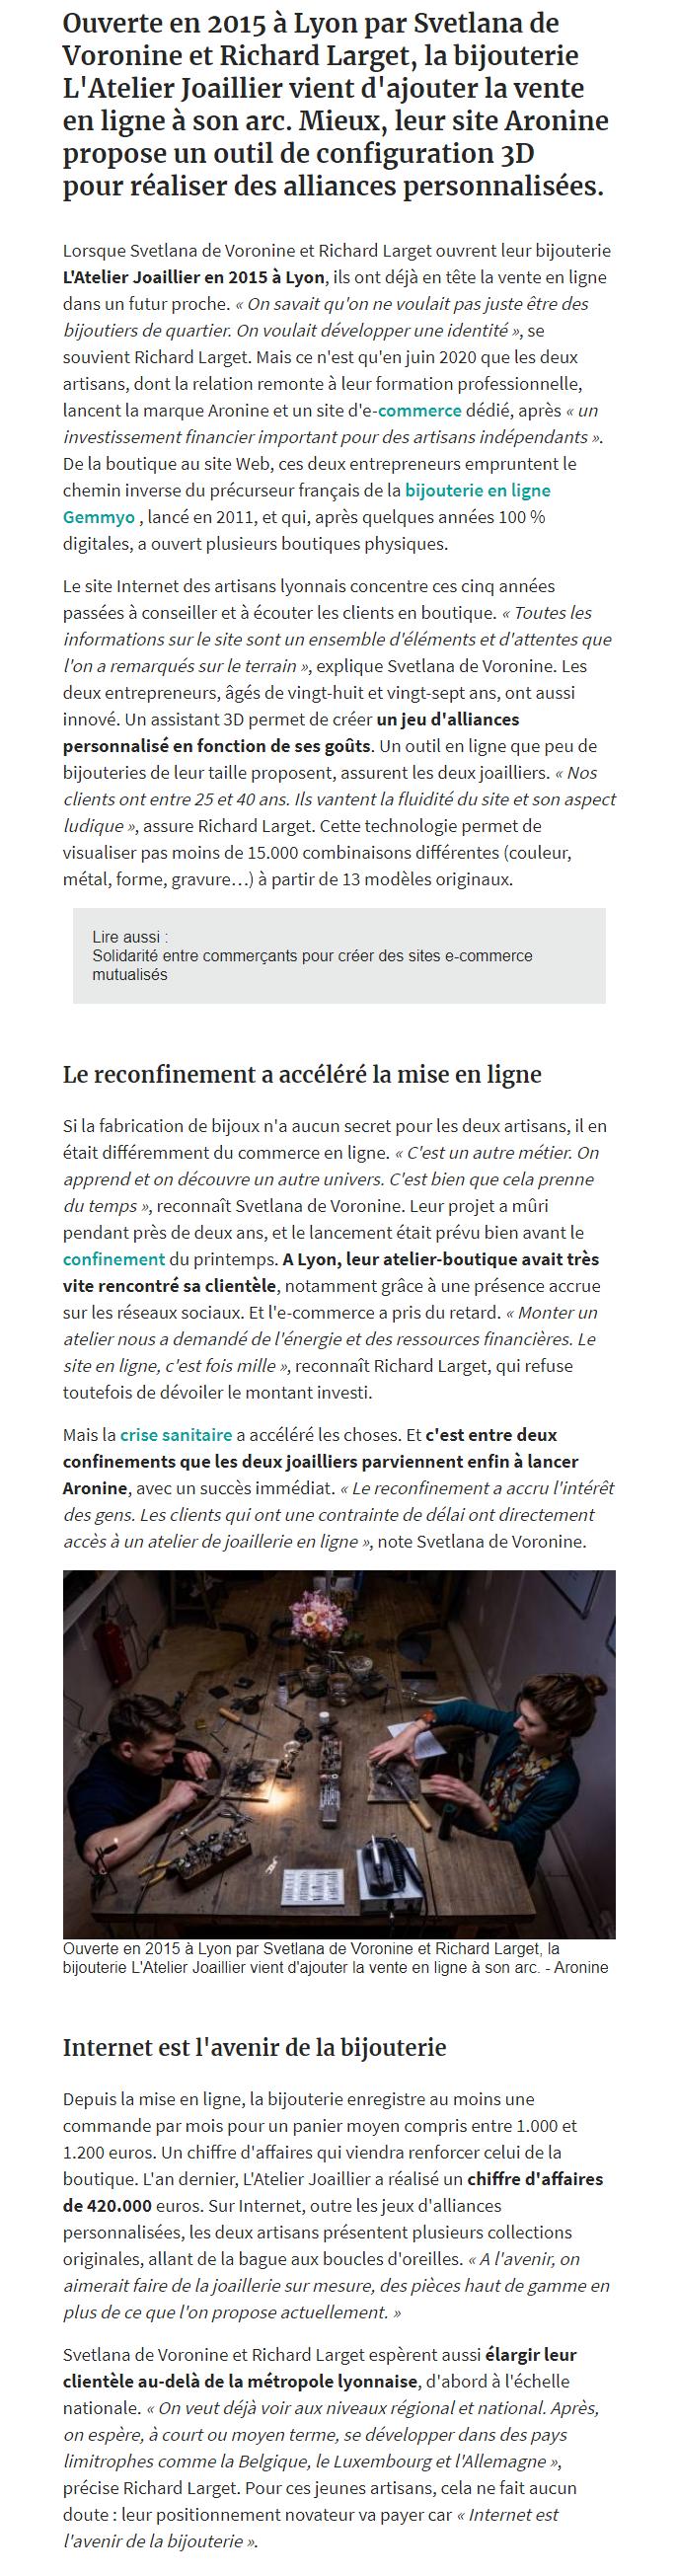 Le quotidien Les Echos consacre un long article au virage digital du joaillier lyonnais Aronine